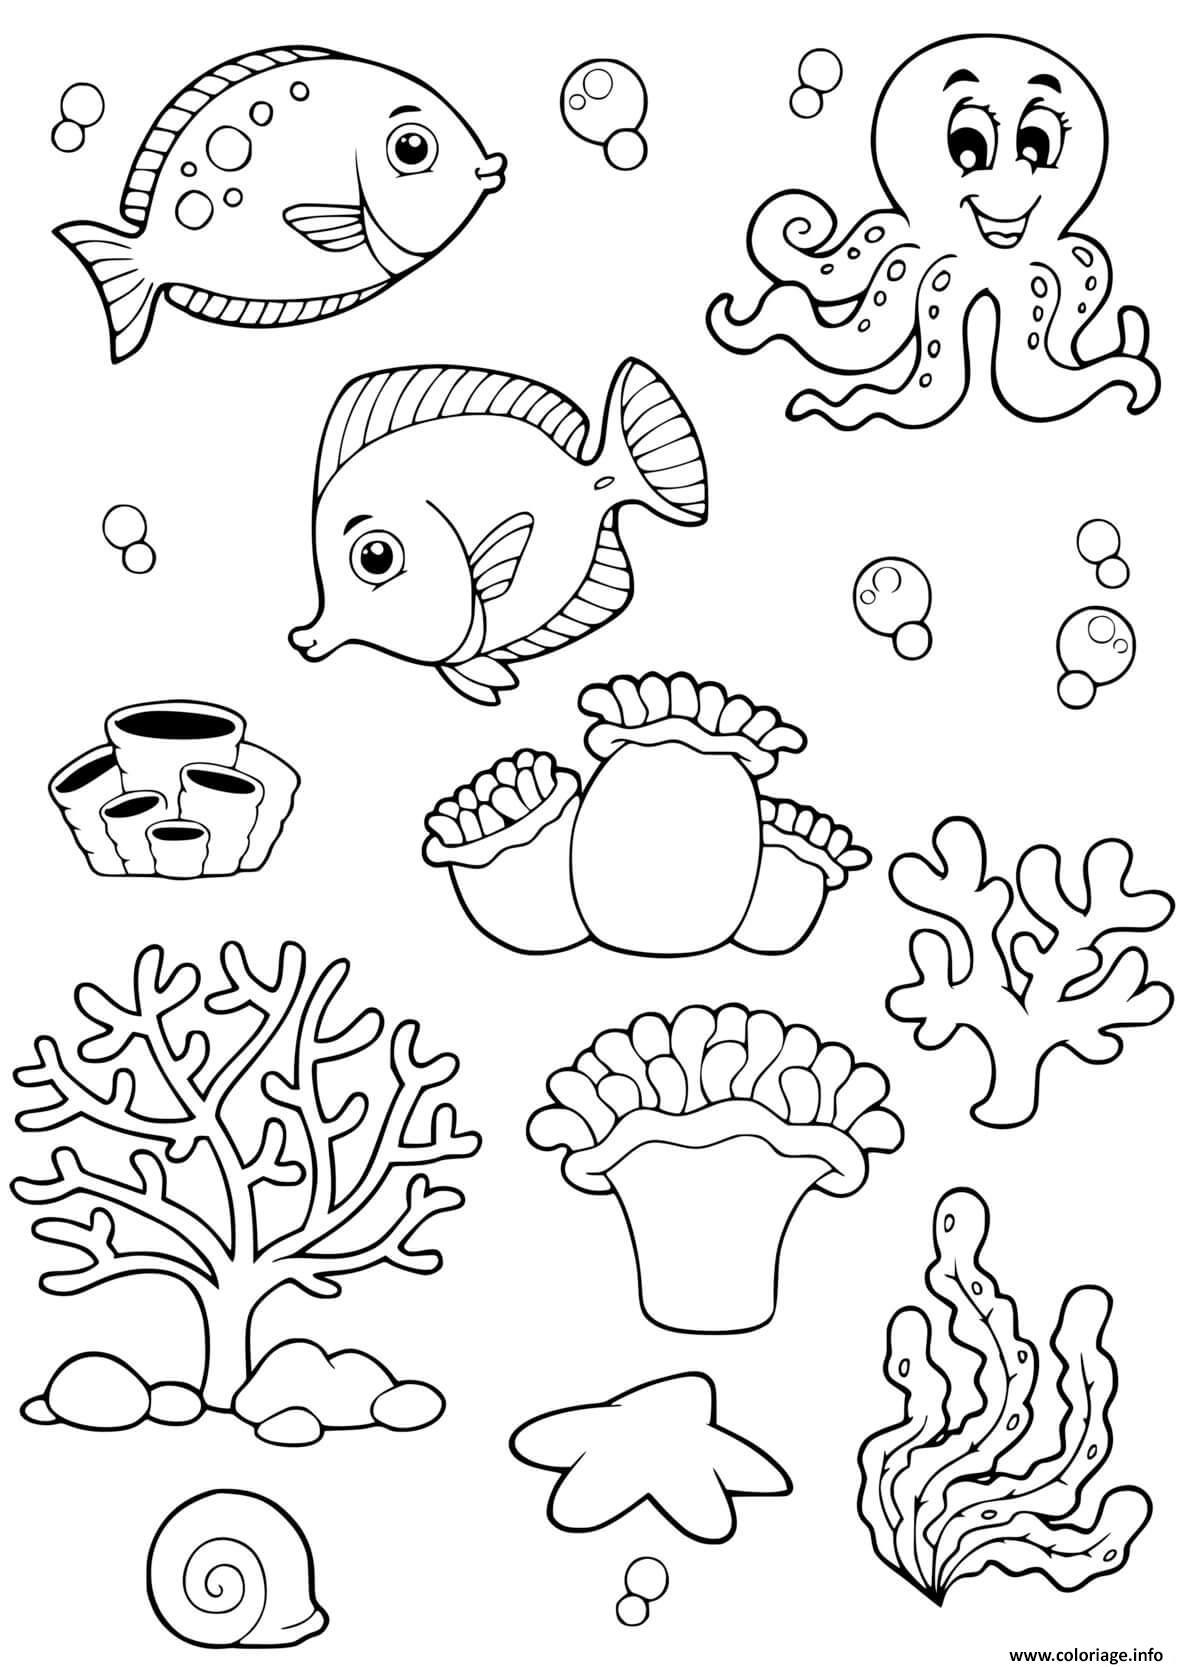 Dessin fond de mer animaux Coloriage Gratuit à Imprimer